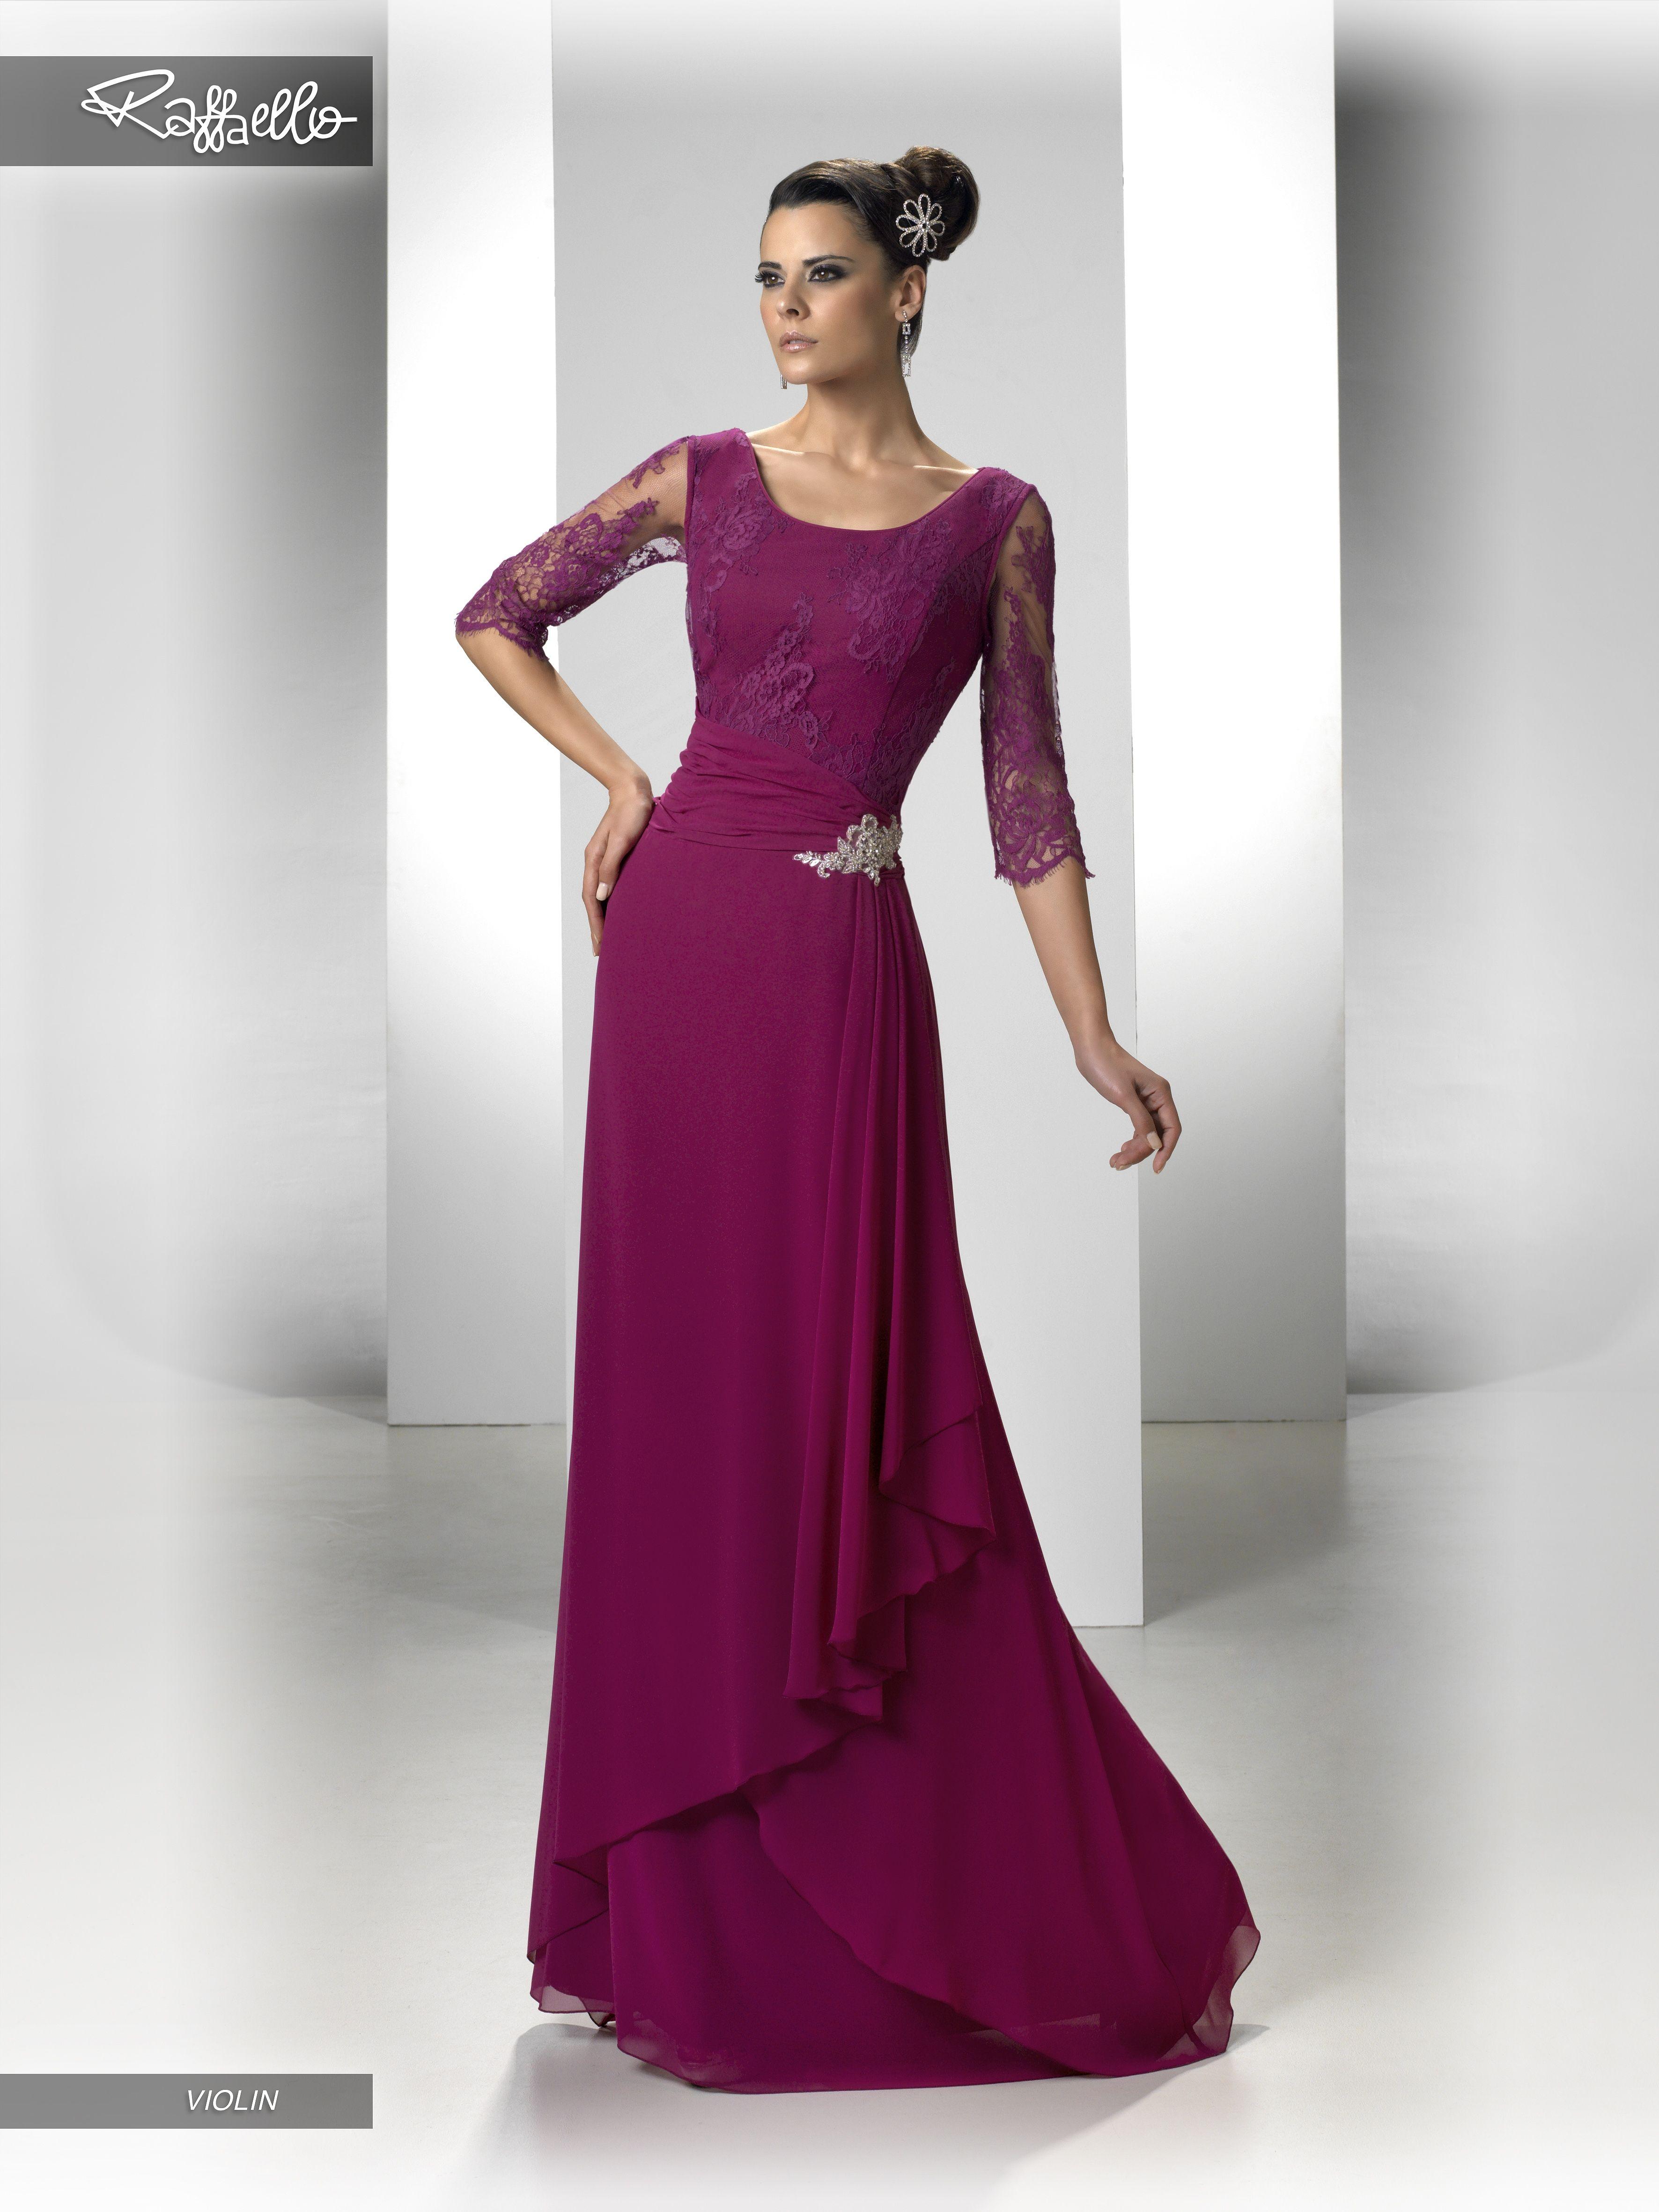 VIOLIN (Vestido de Fiesta). Diseñador: Raffaello. ... | Para ...